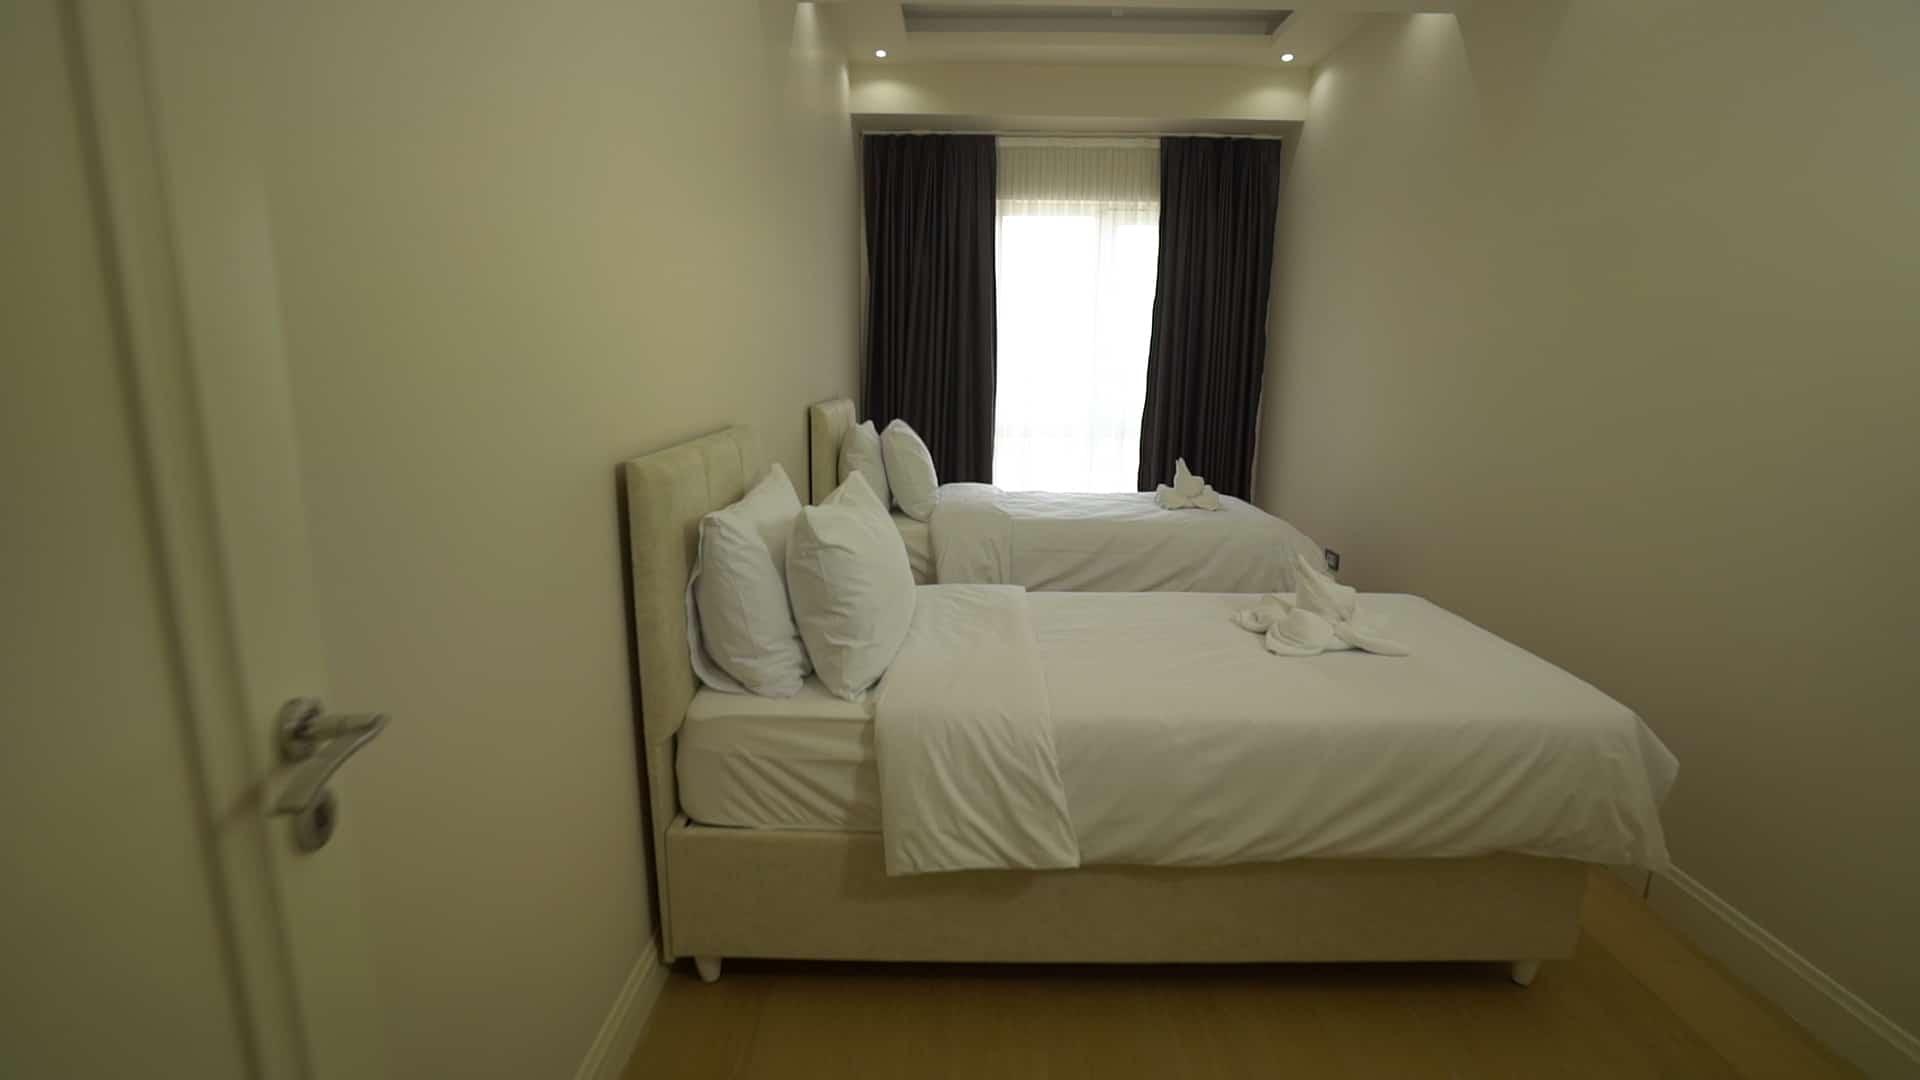 غرفة بسريرين في شقق للايجار في فينيسيا لمدة اسبوع غرفتين وصالون